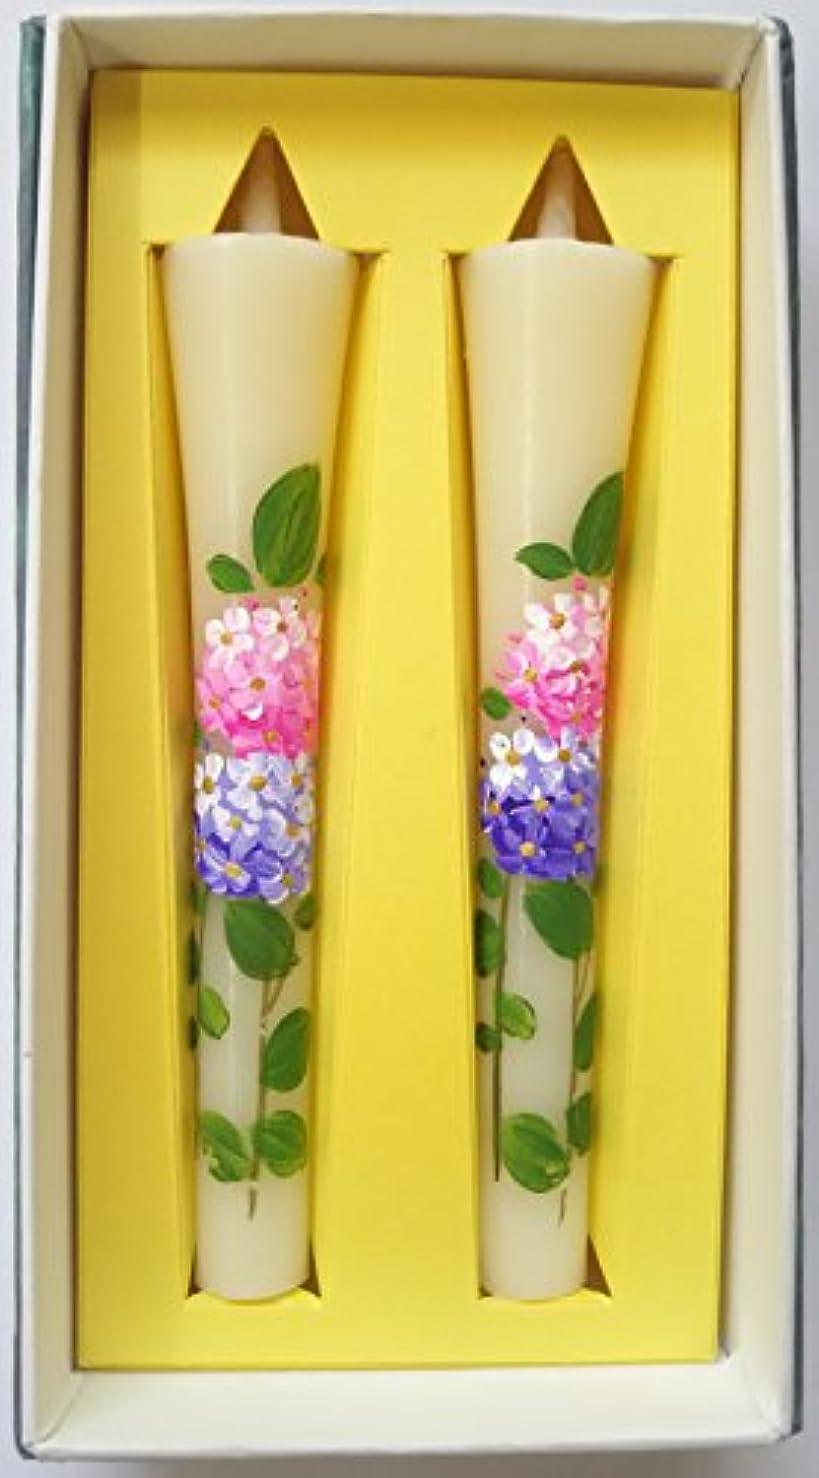 慣らす提案するロバ花ろうそく 和ろうそく 紫陽花 絵ろうそく アジサイ 手書き 2本 入り 仏壇用 #3056